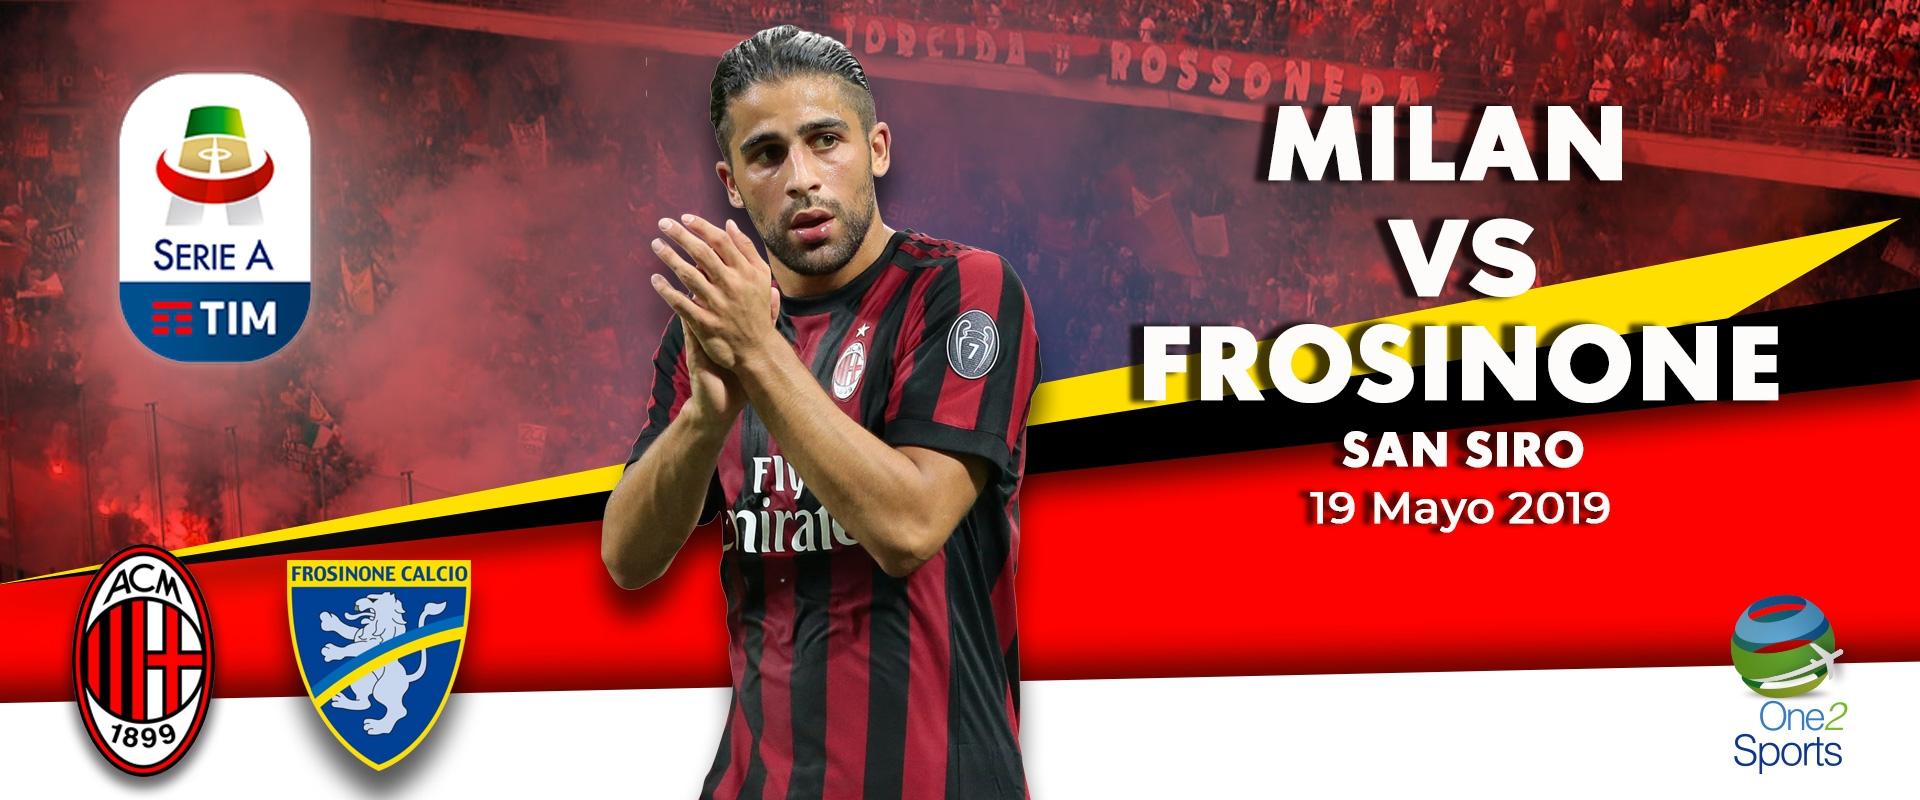 Milan vs Frosinone